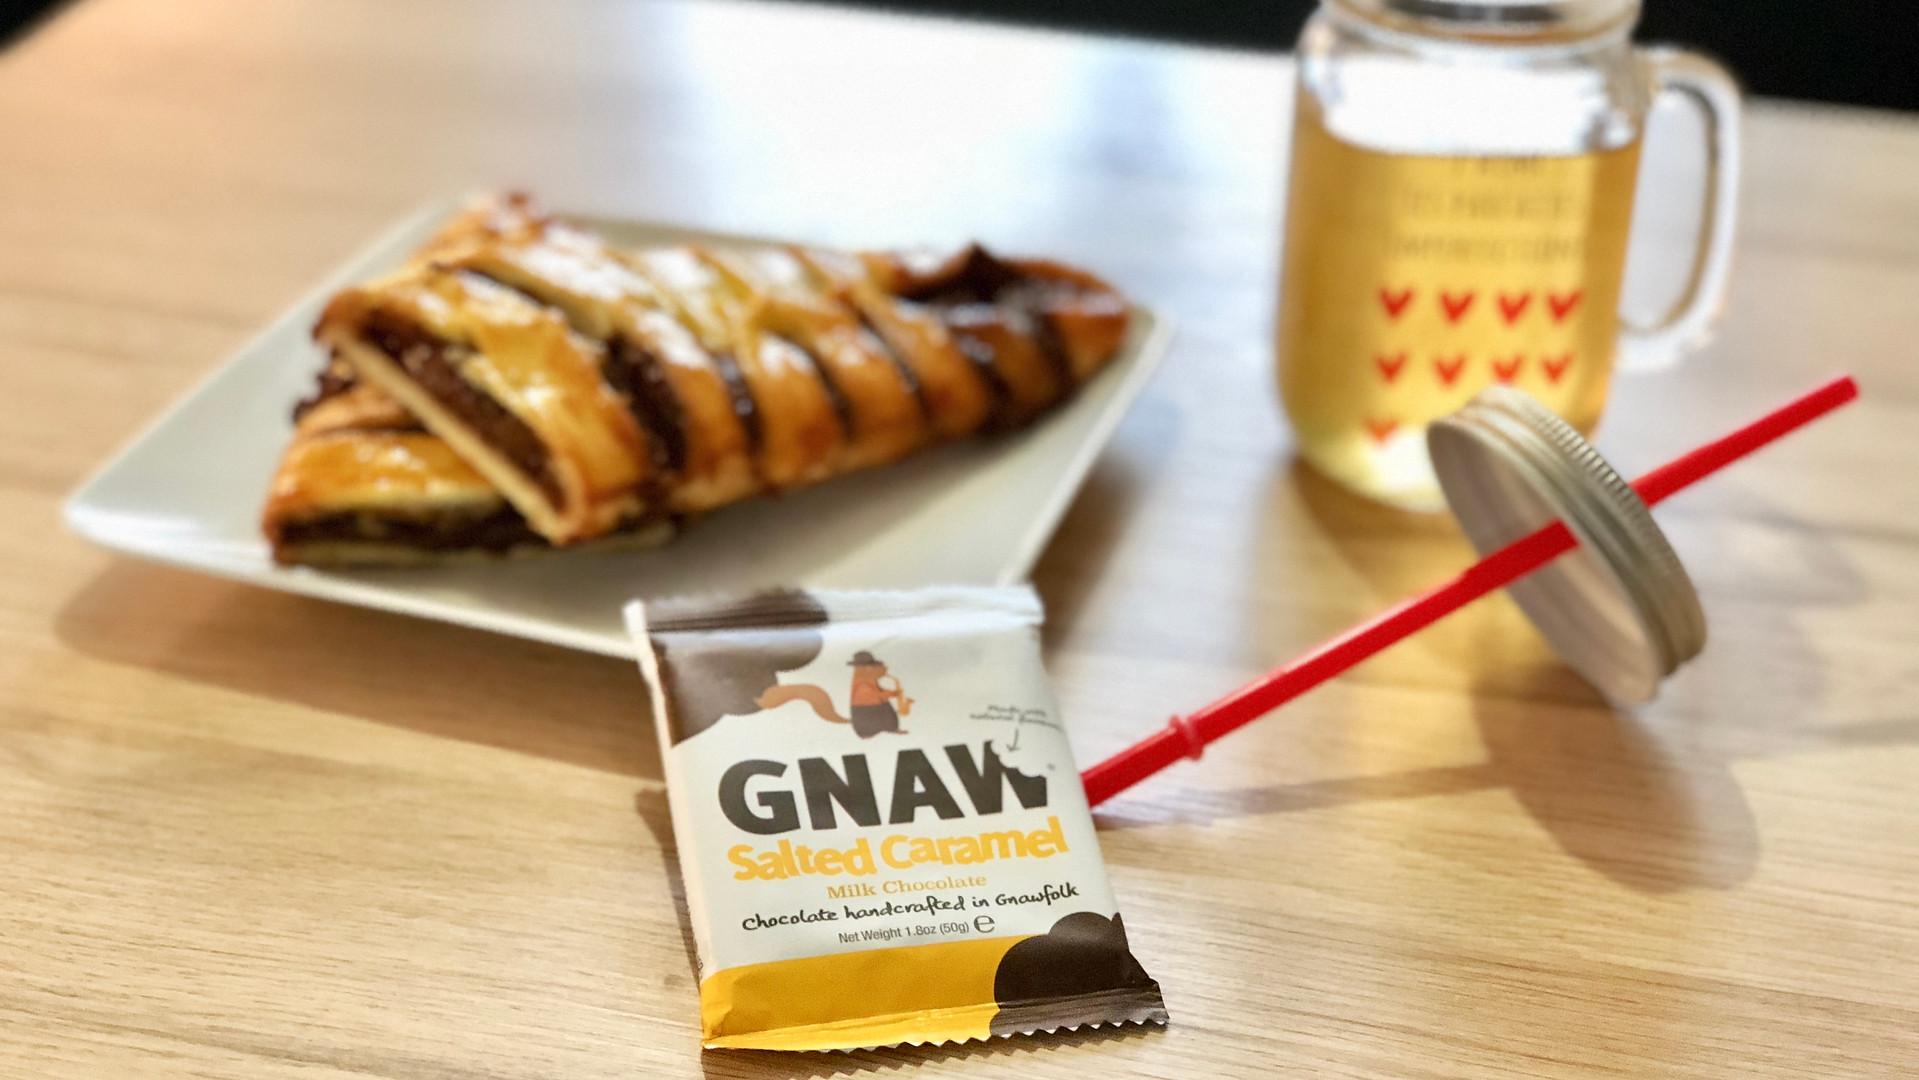 مصنع الشوكولاتة GNAW minis